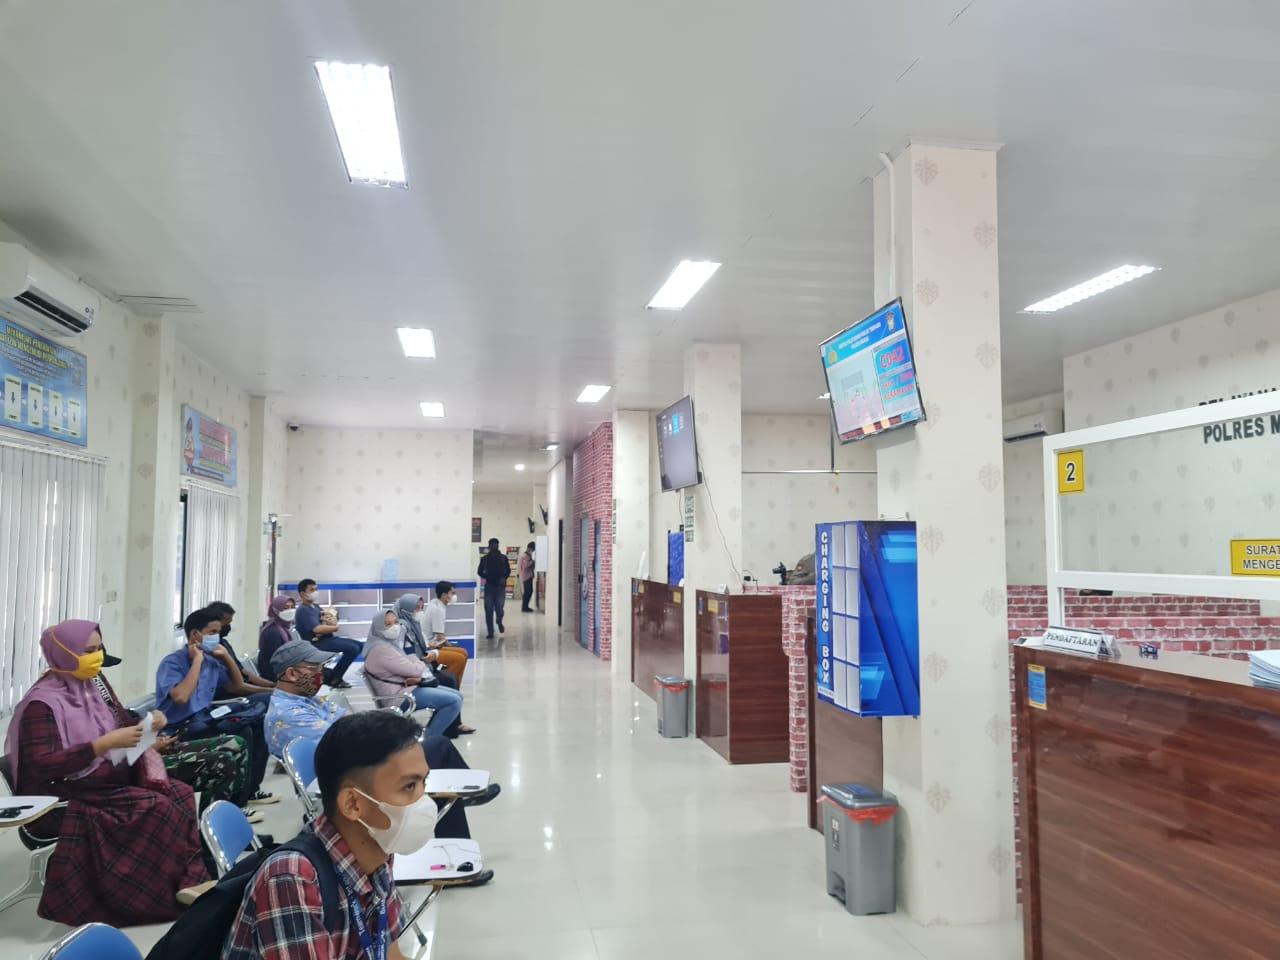 Tingkatkan Kualitas Pelayanan Publik, Polres Maros Sulap Gedung Pelayanan Jadi Lebih Nyaman